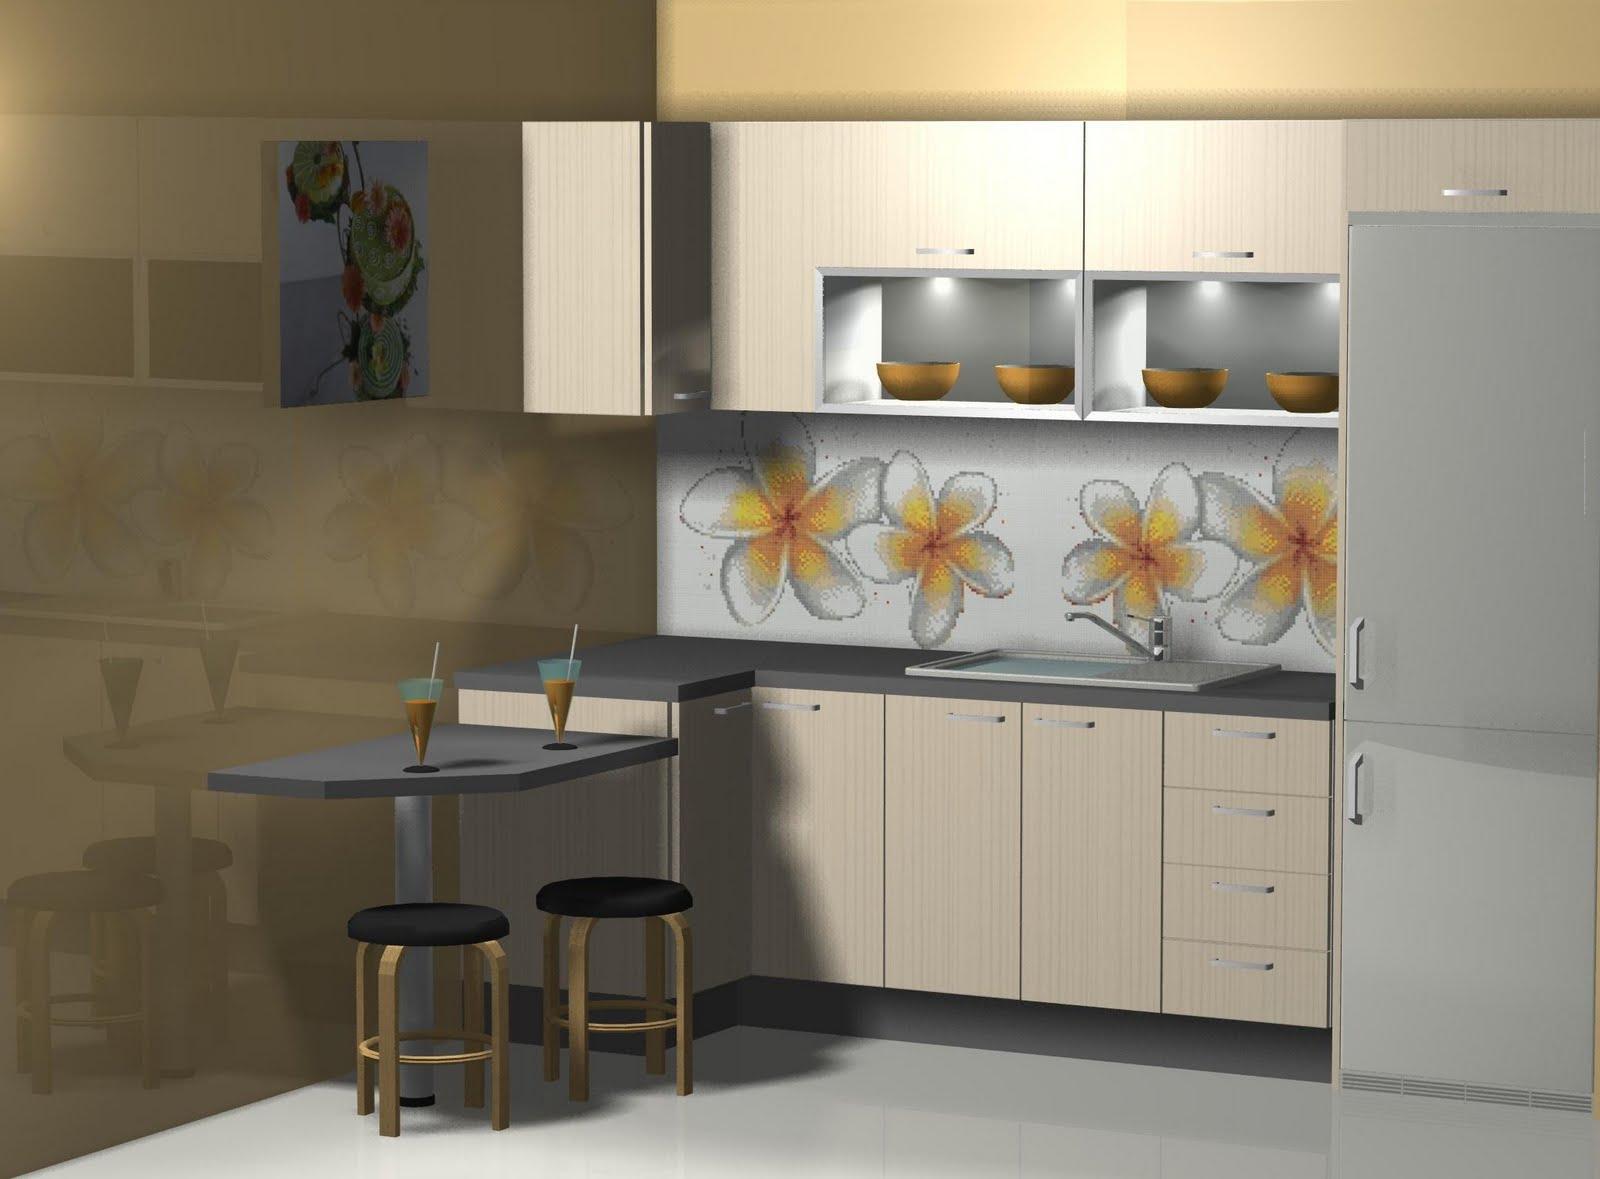 Barras Cocina | Desayunadores Y Barras Separadores De Ambientes Fabrica